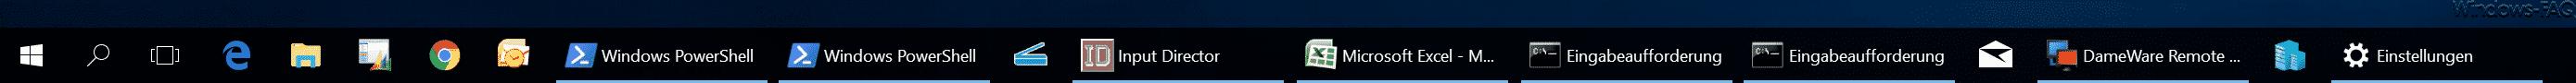 Ungruppierte Taskleistensymbole